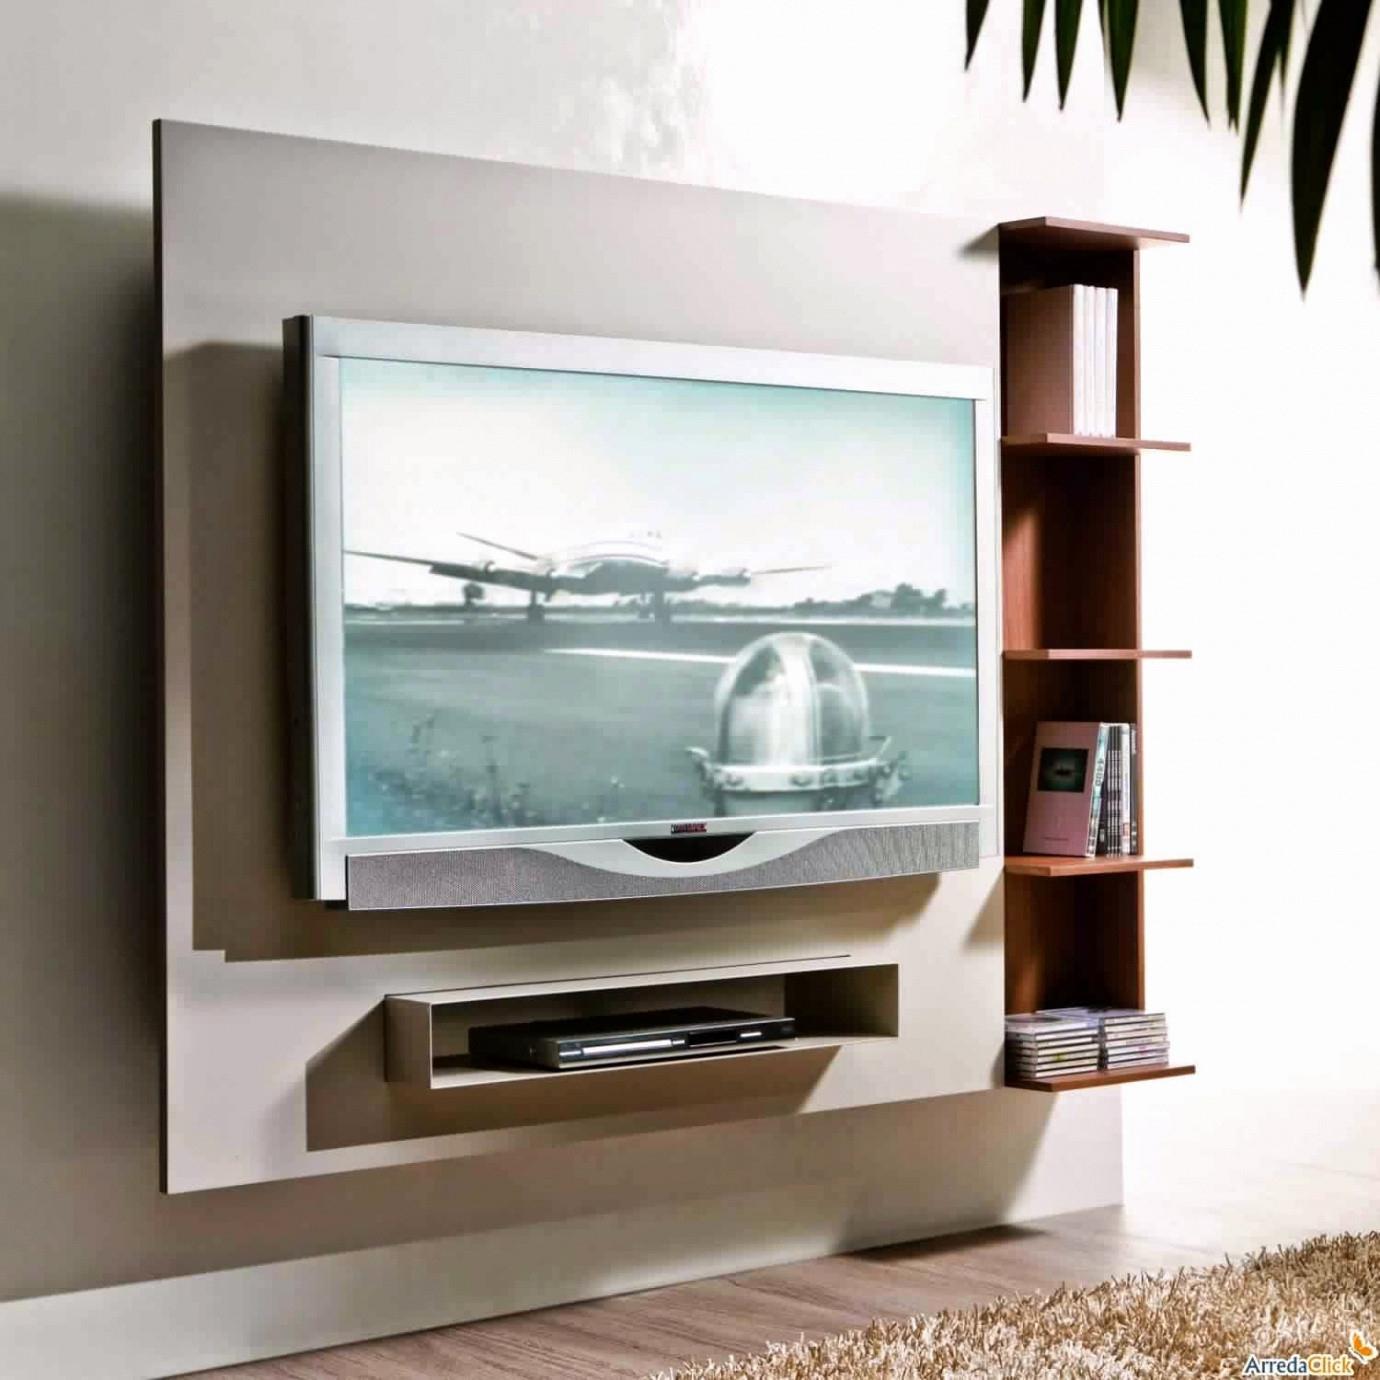 Meuble Tv Italien Meuble Tv Mural Led Meuble Tv Design avec Meuble Tv Mural Design Italien